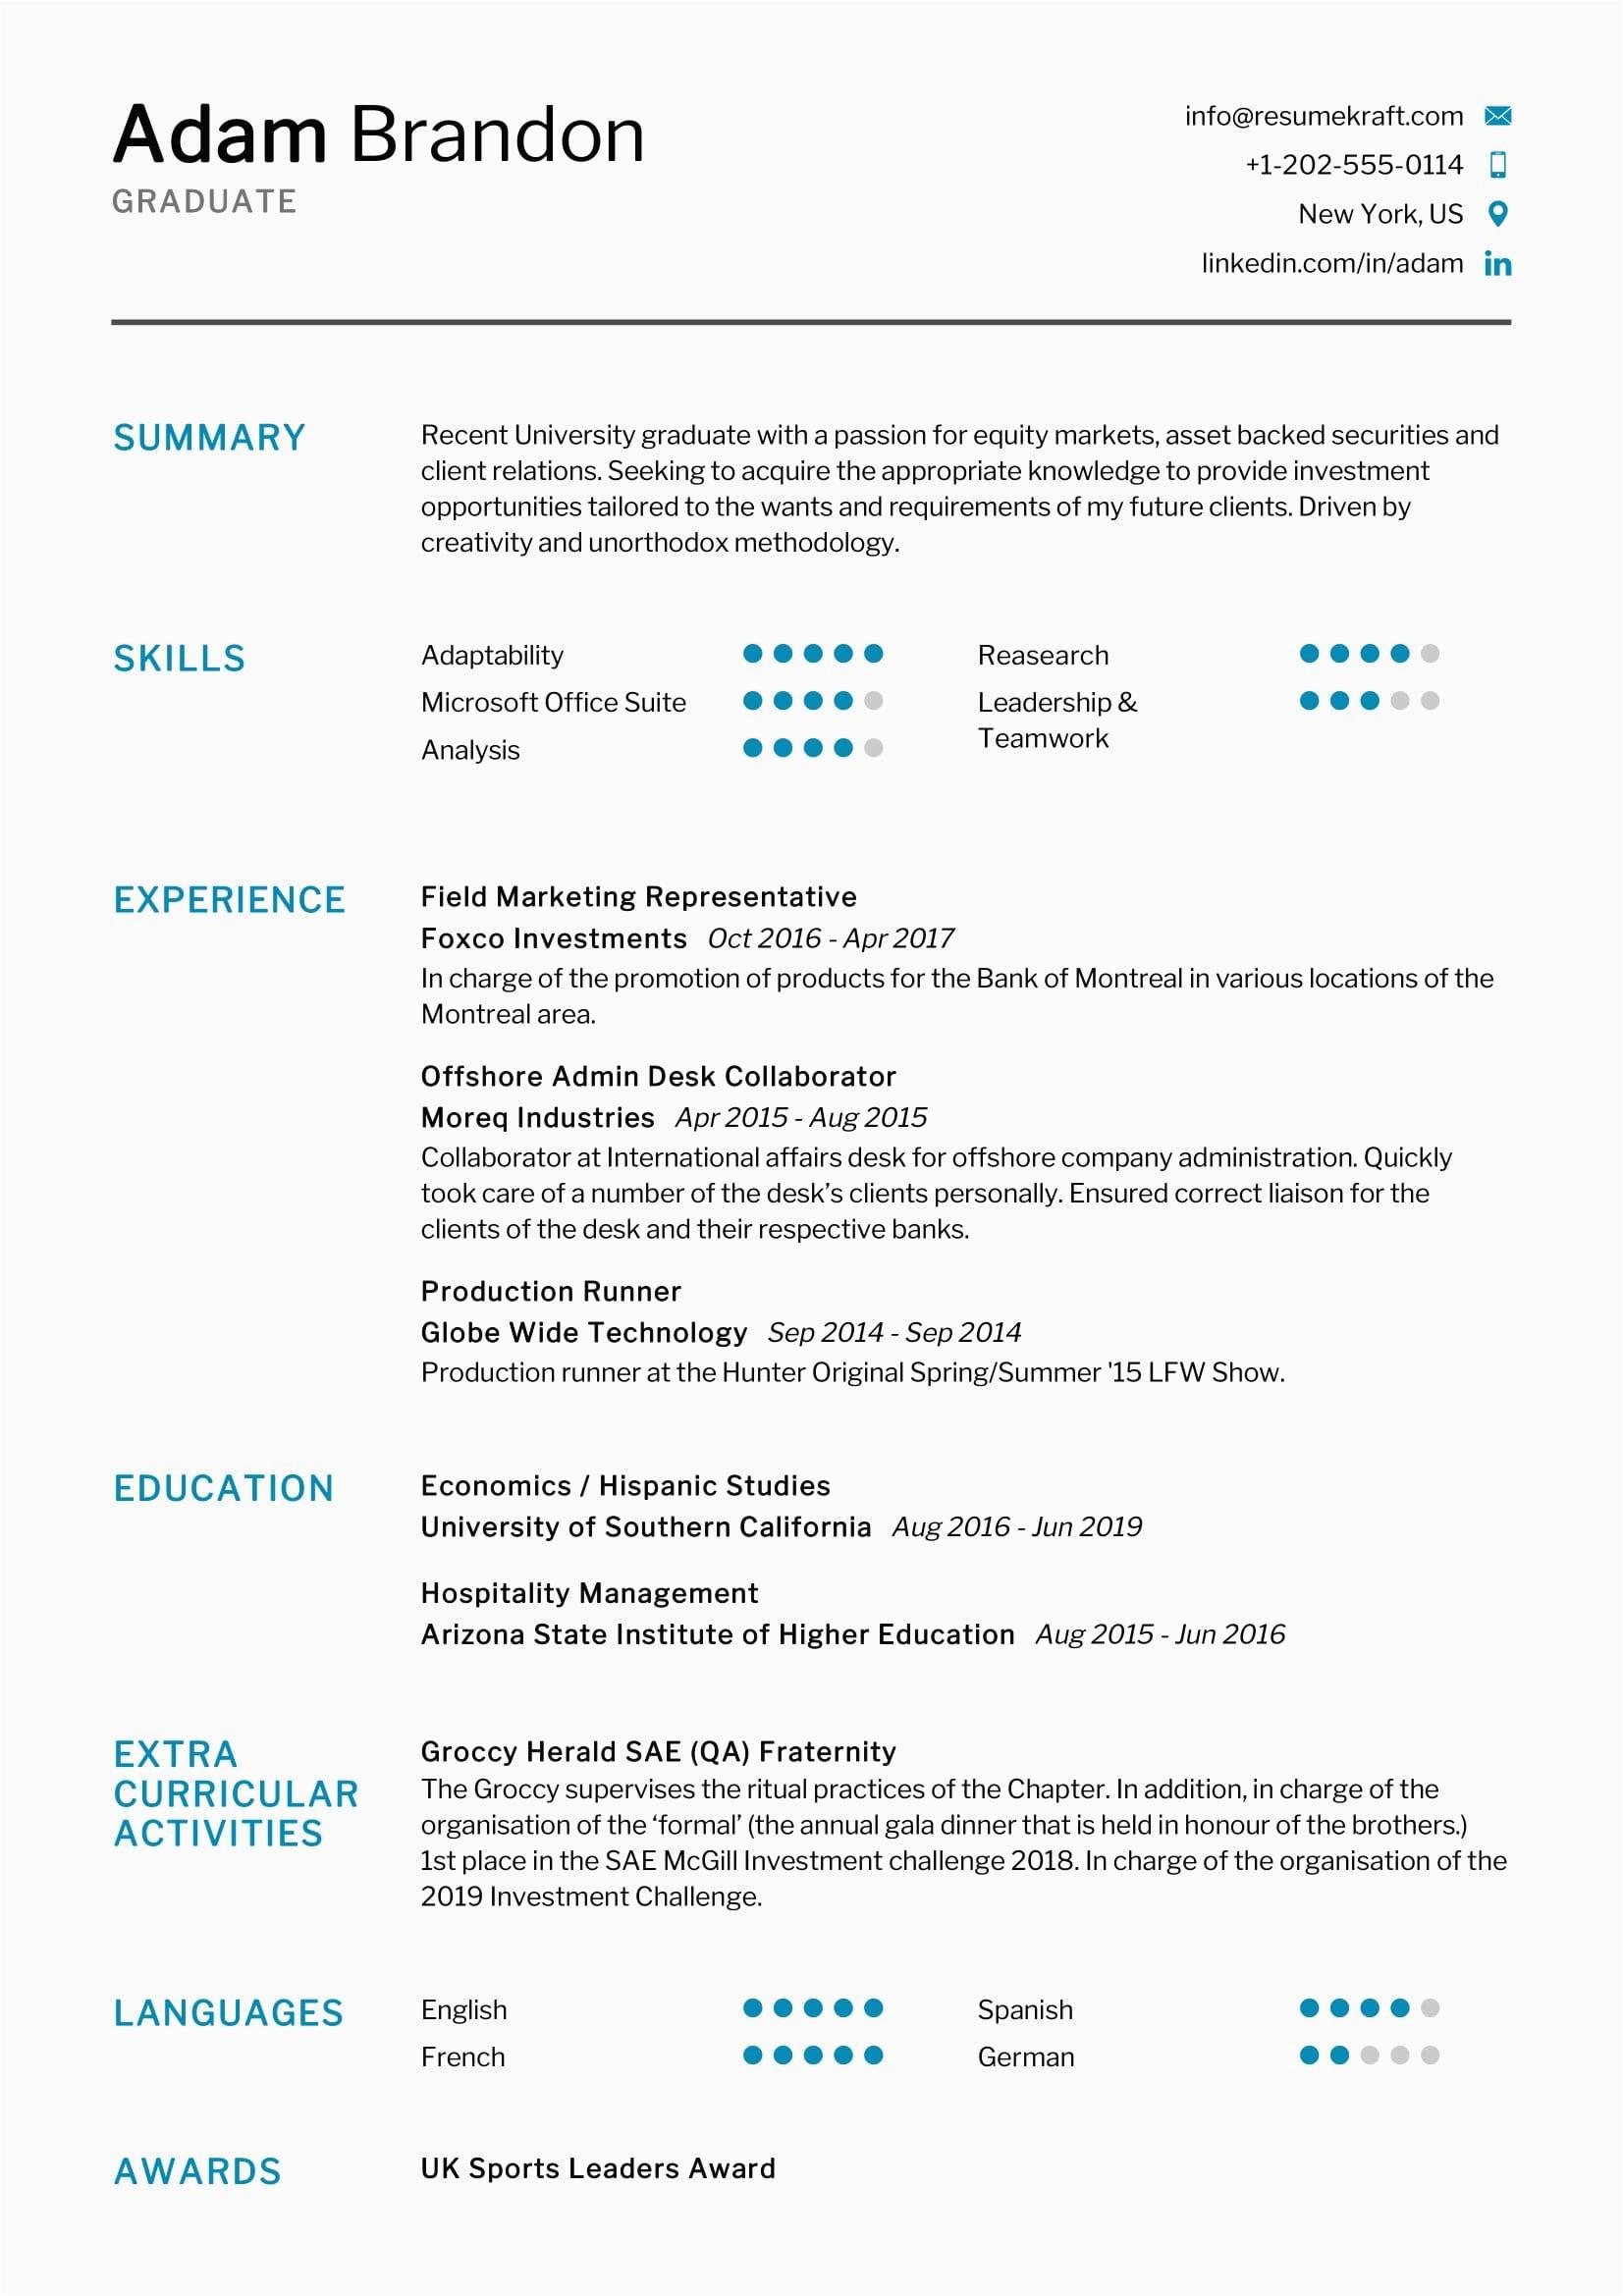 Best Resume Sample for Fresh Graduate Fresh Graduate Resume Sample 2021 Resumekraft